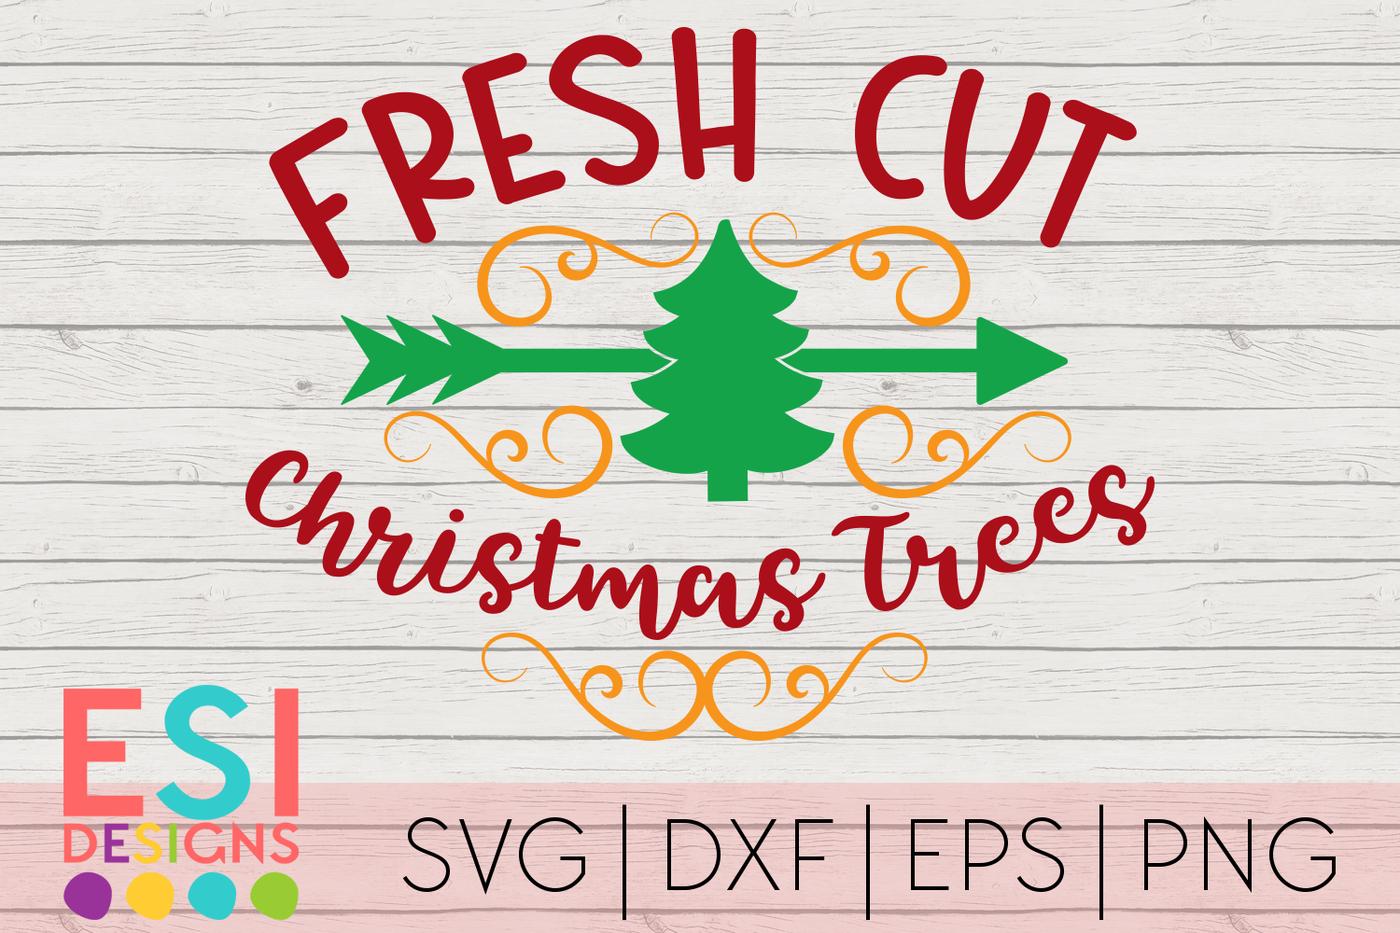 Fresh Cut Christmas Trees Sign.Christmas Svg Fresh Cut Christmas Trees Wood Sign Svg By